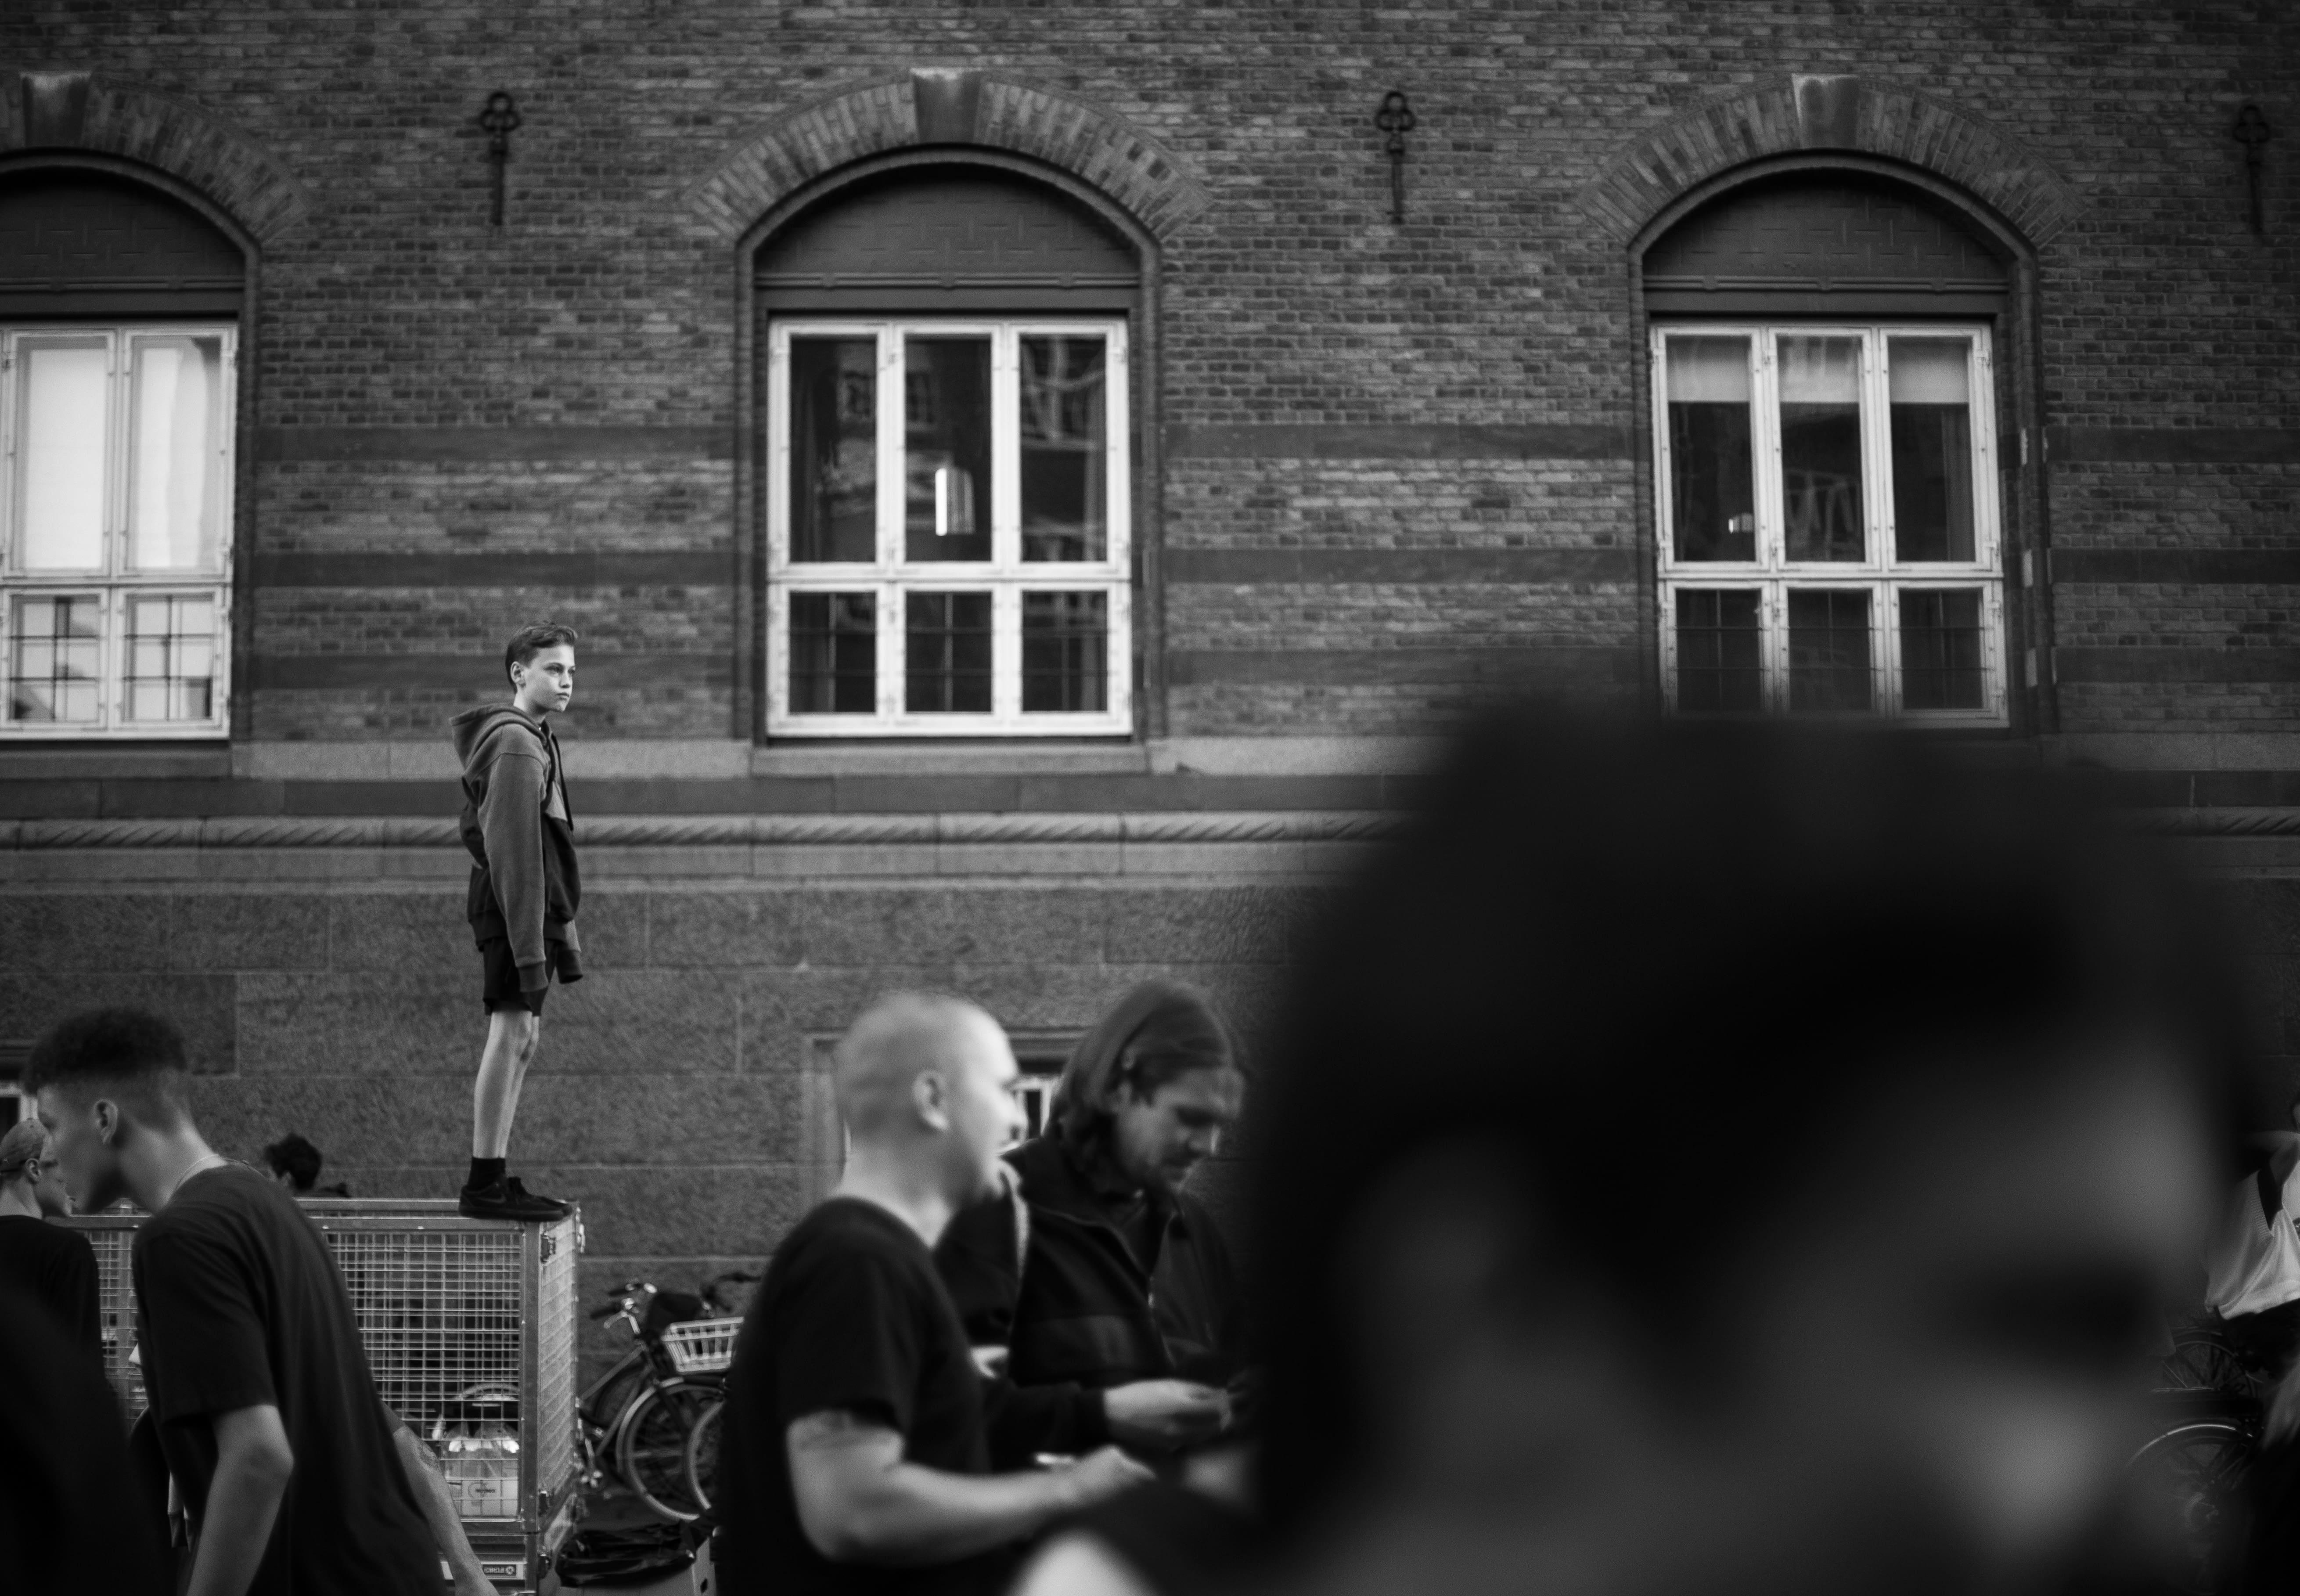 Copenhagen 2021 - Locals